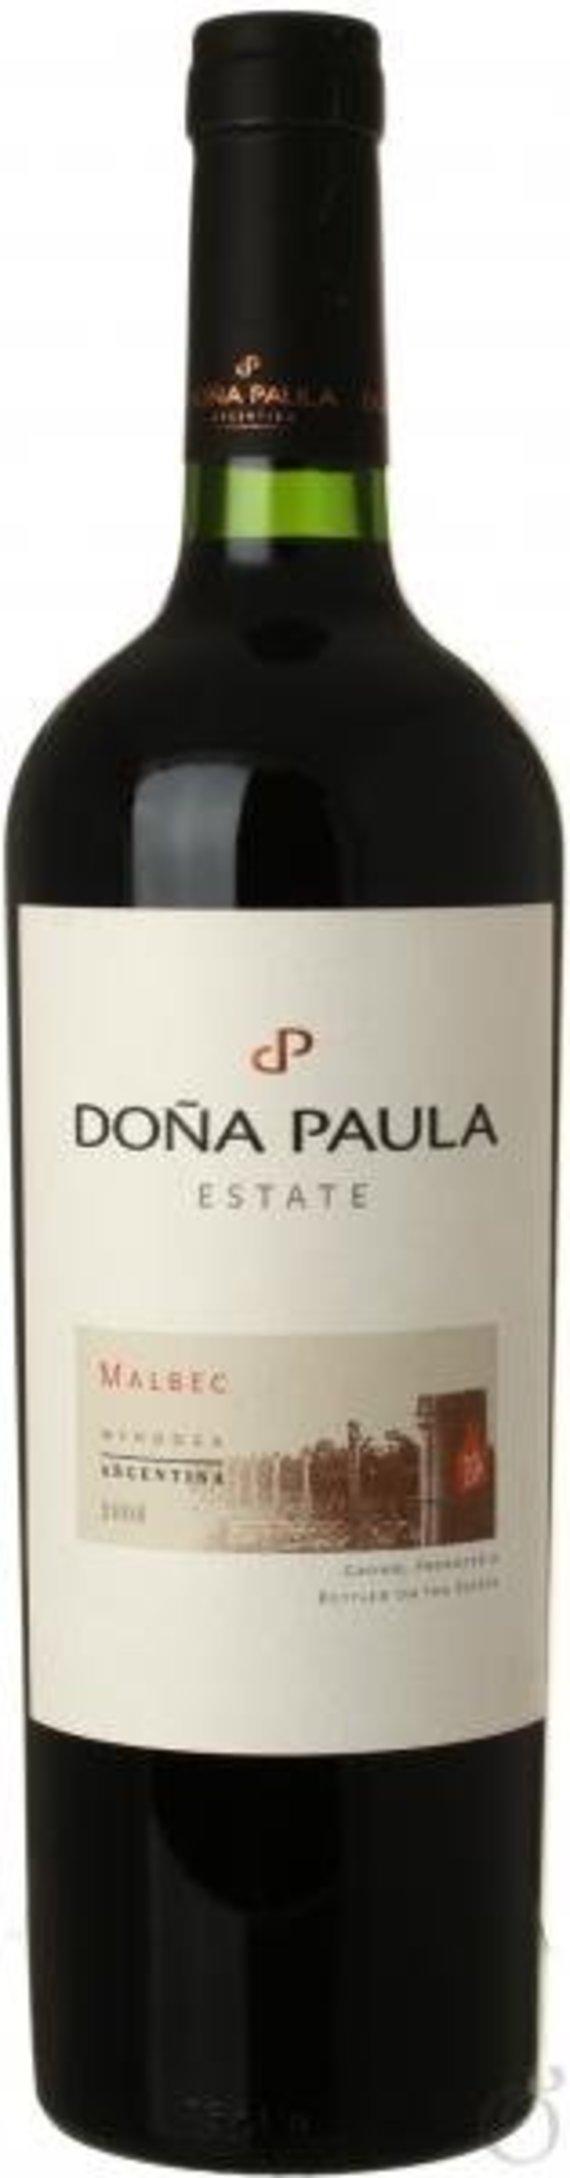 geriausi raudonieji vynai širdies sveikatai)